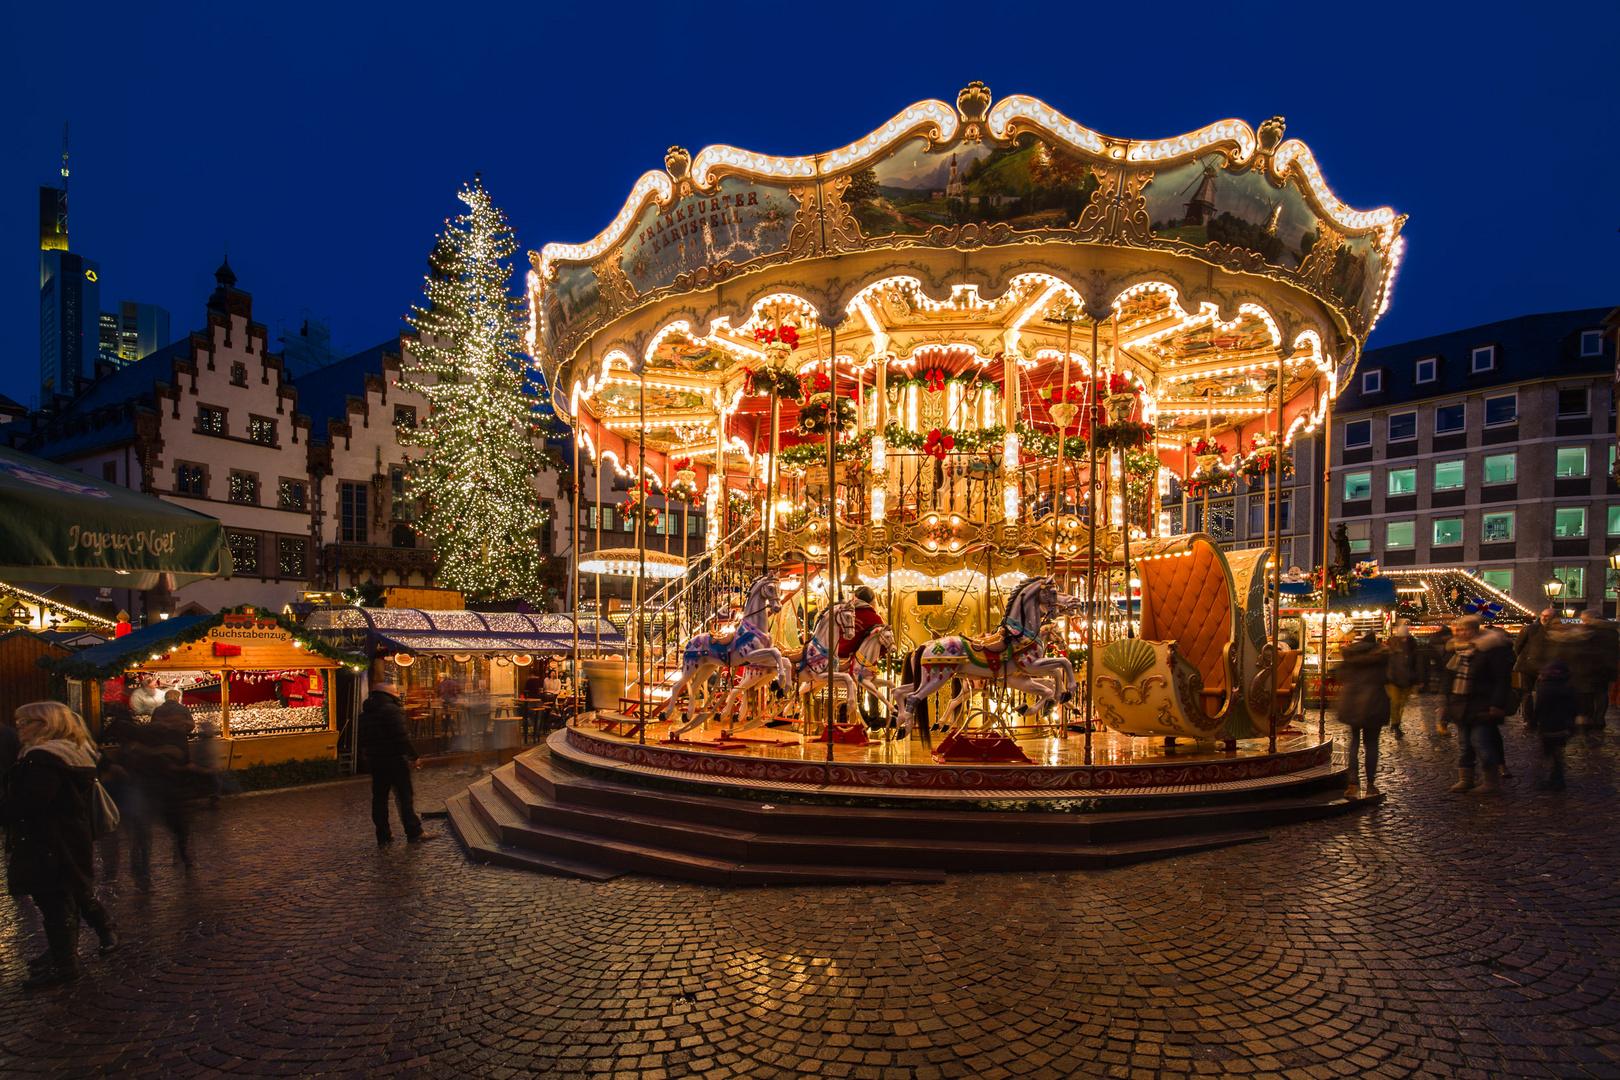 Weihnachtsmarkt Frankfurt Main.Karussell Weihnachtsmarkt Frankfurt Am Main Foto Bild